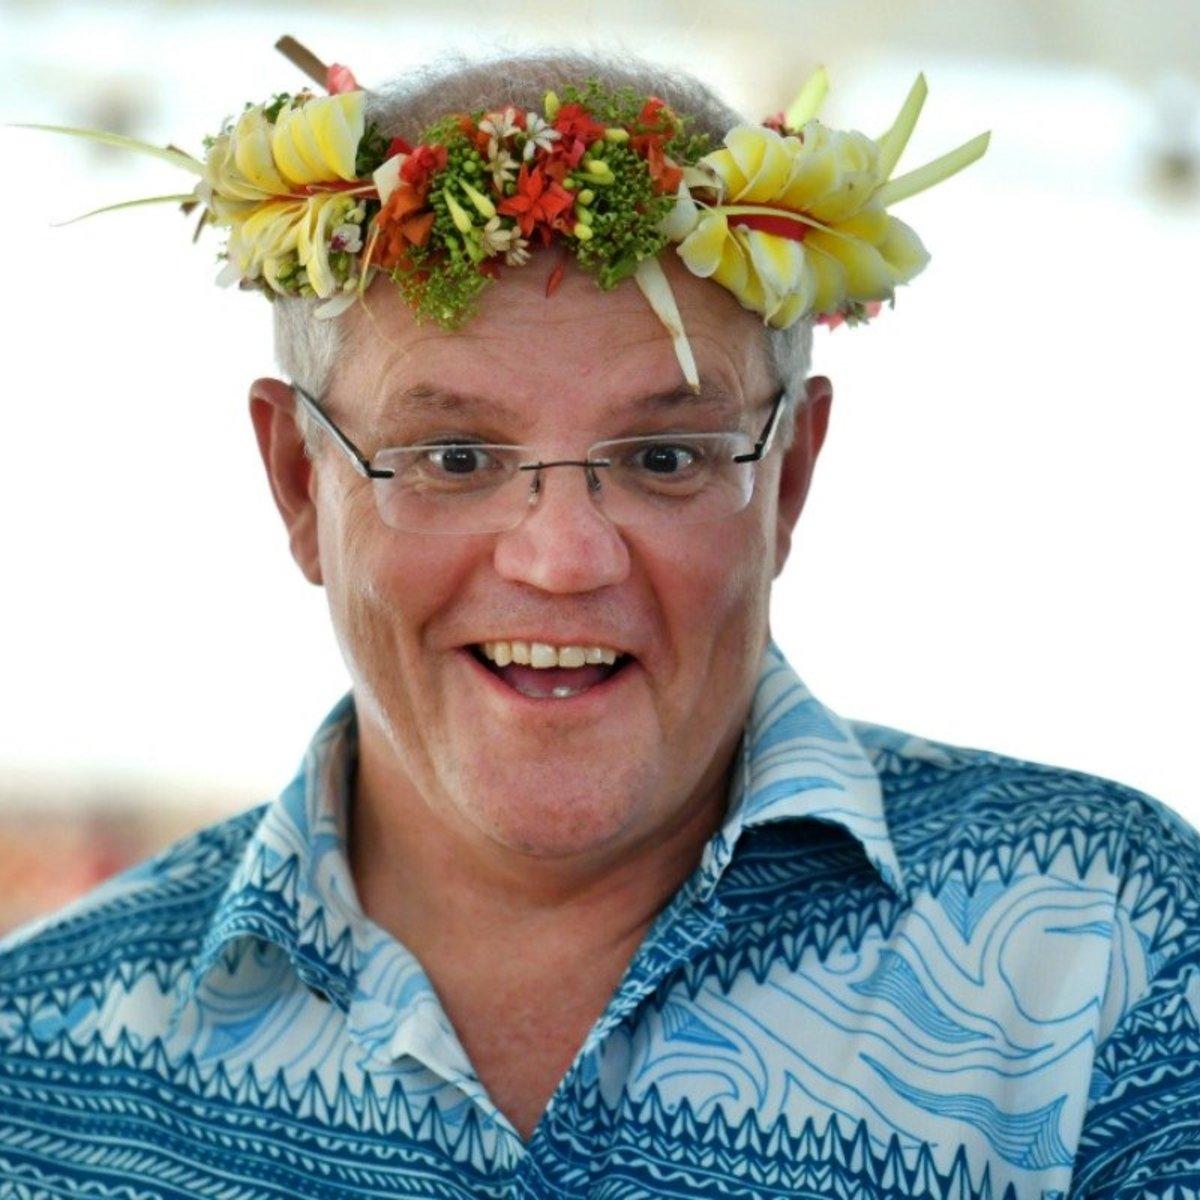 Is Scott Morrison in Hawaii? A very ...